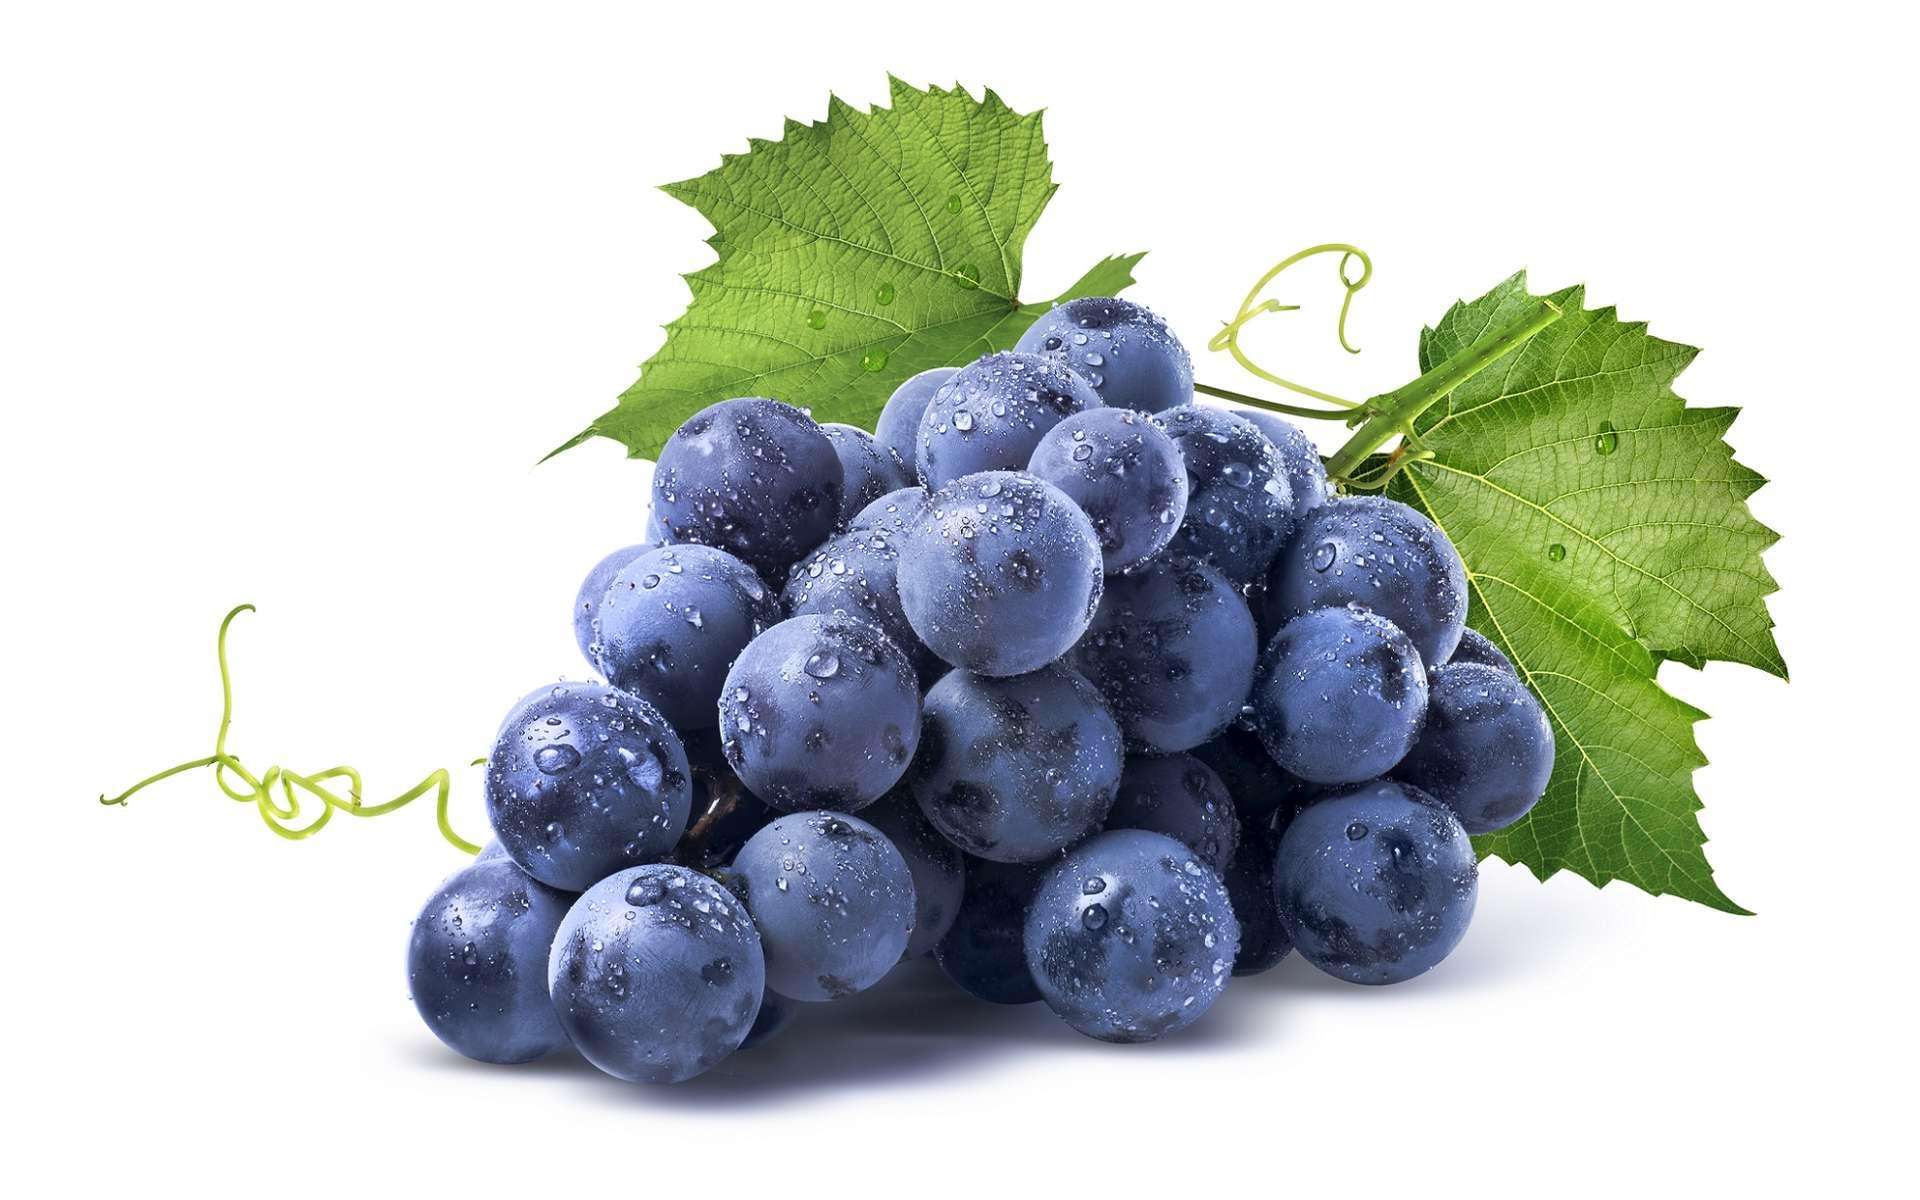 Le resvératrol des raisins noirs est un flavonoïde. © Kovaleva_Ka, Shutterstock